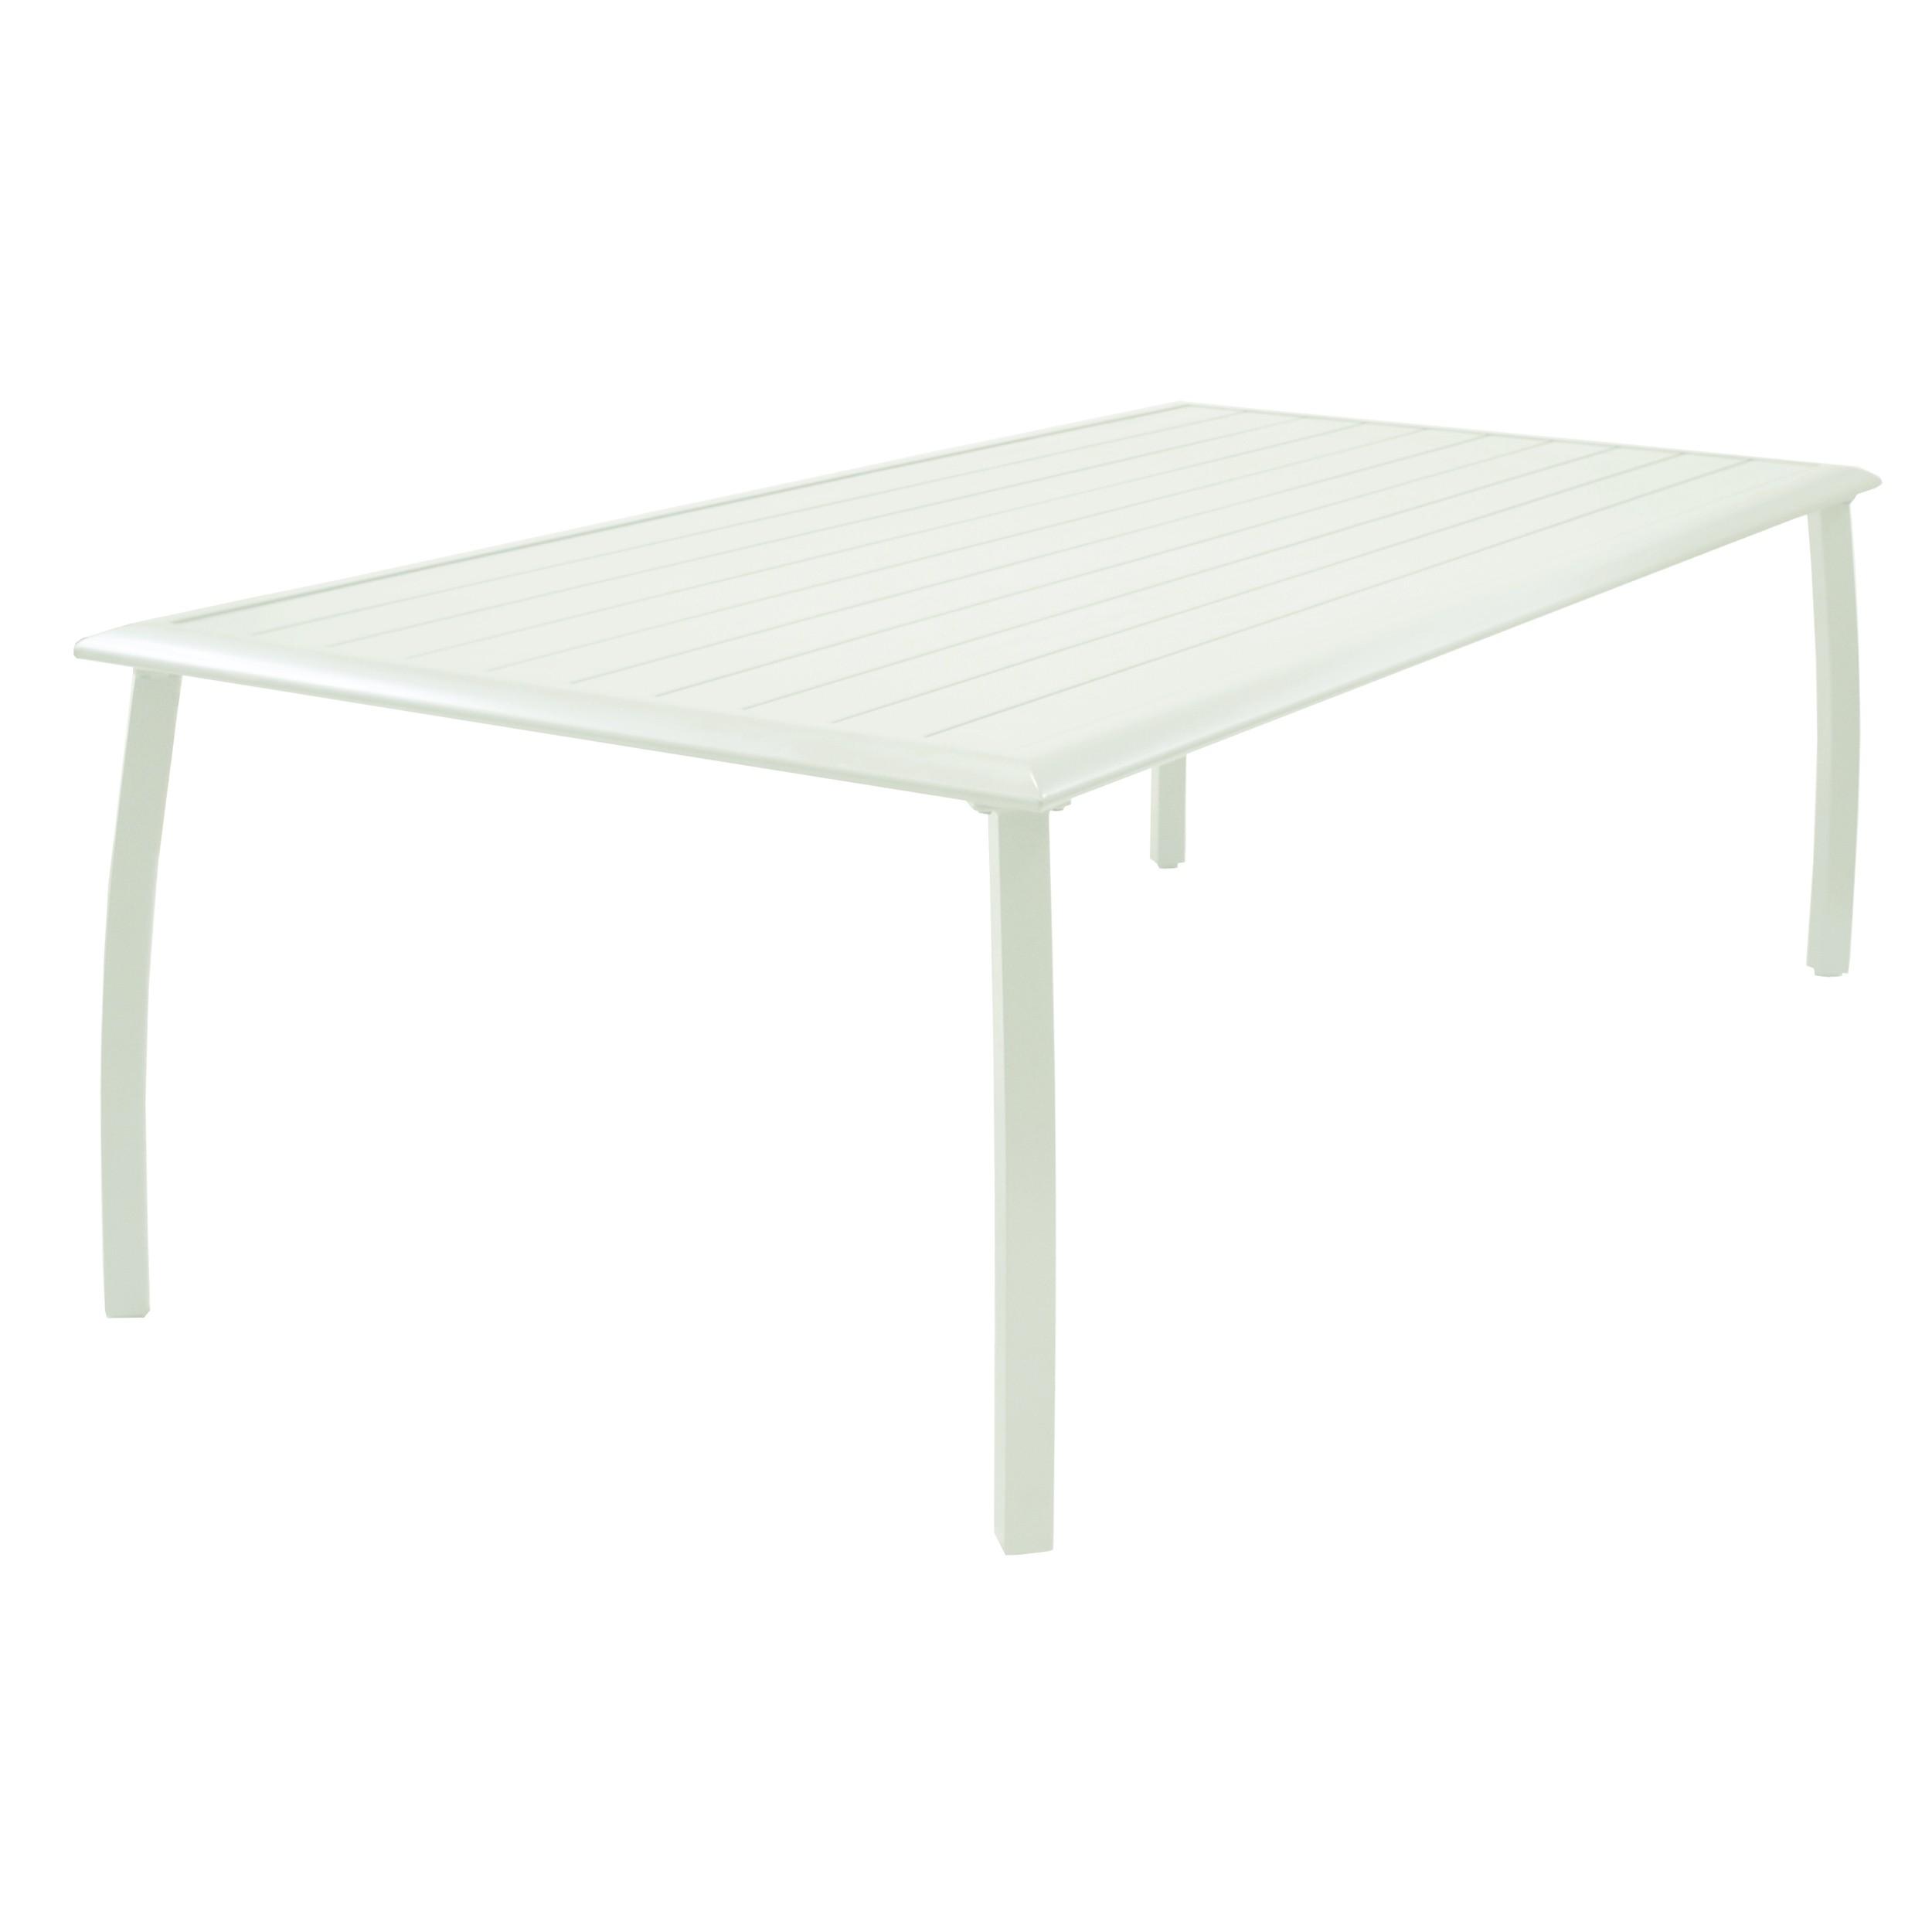 Table de jardin 180 cm livourne blanche choisissez nos Table de jardin chez amazon